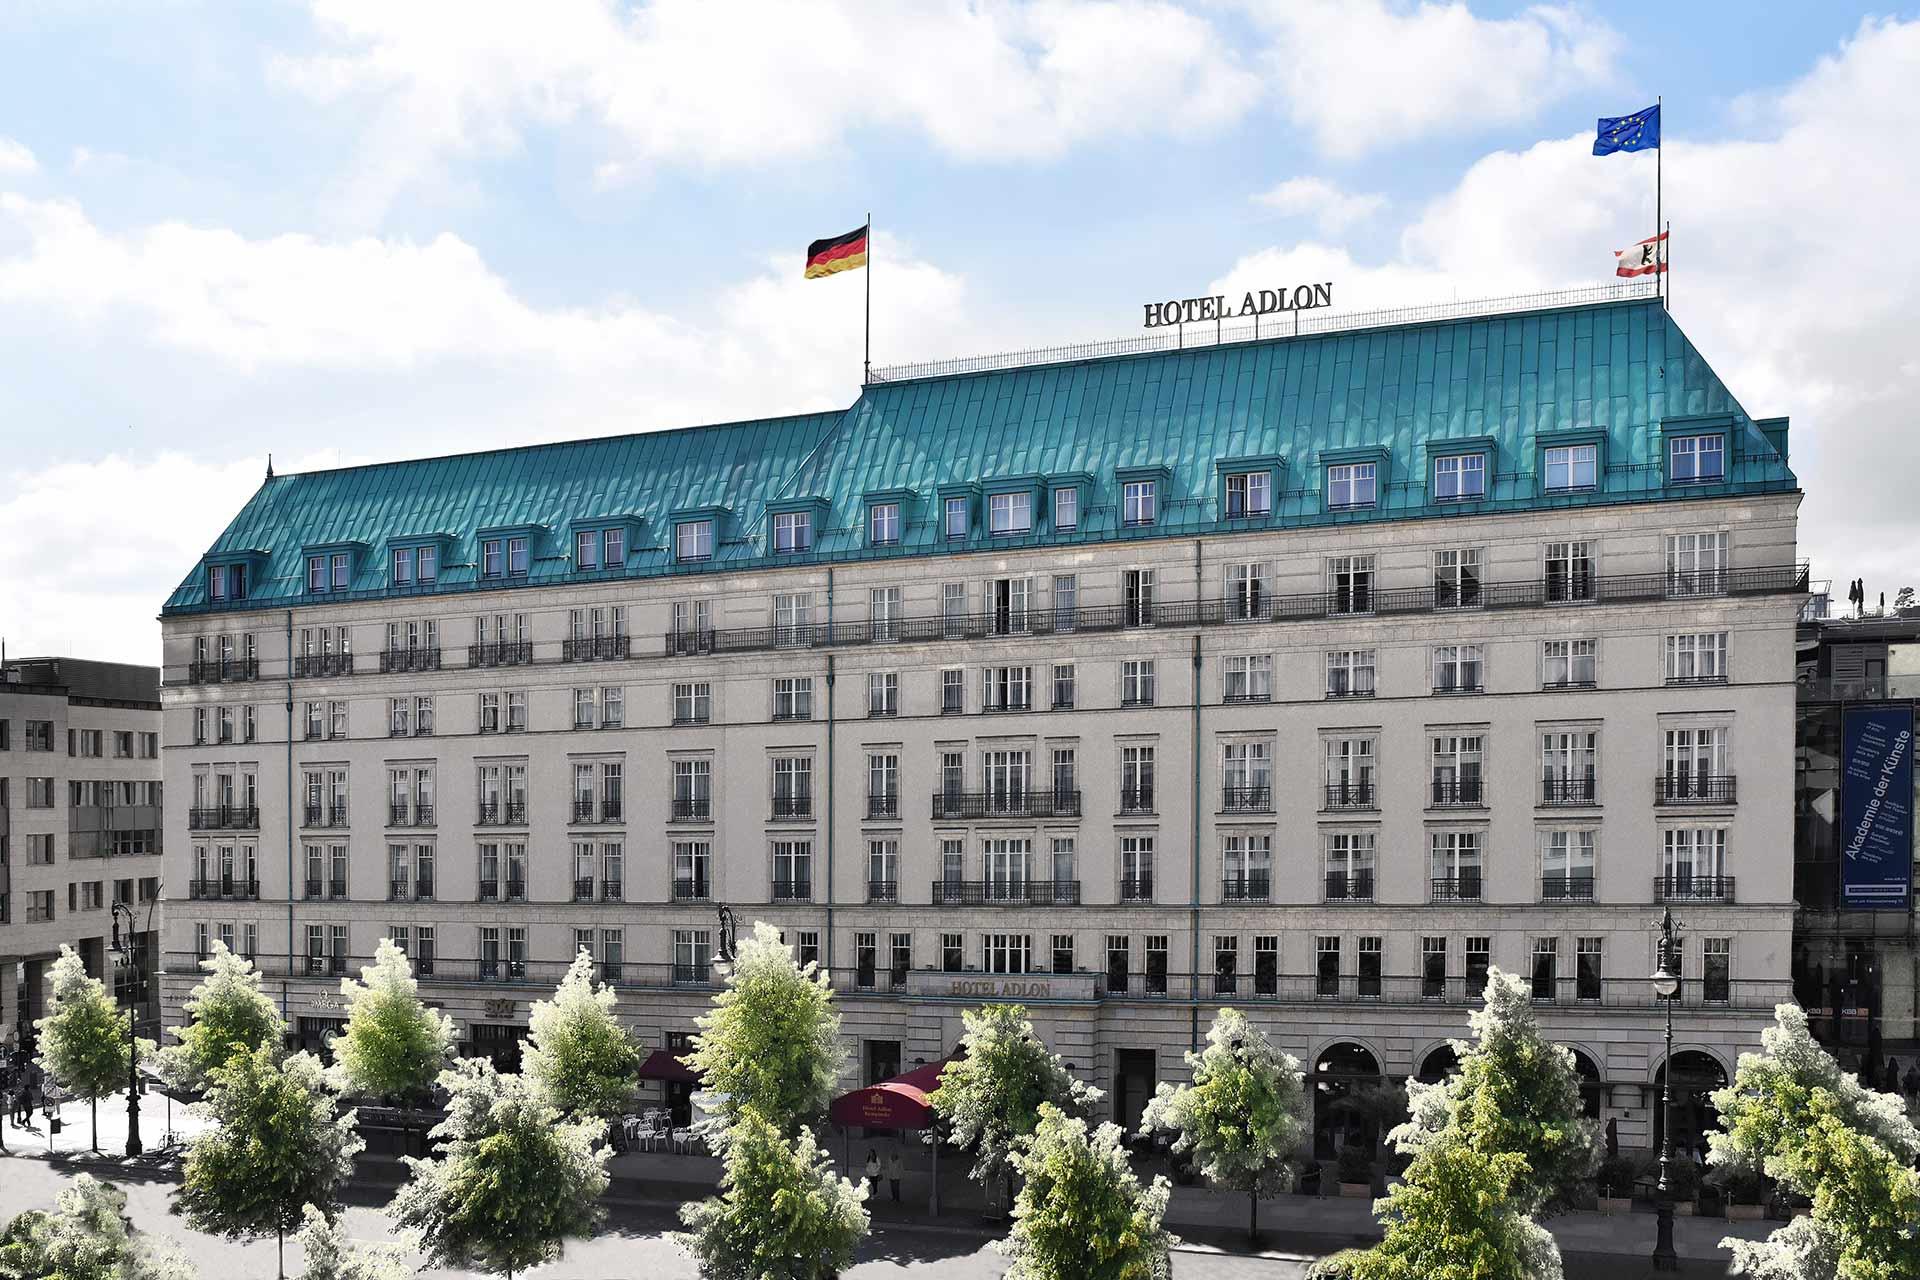 Aussenansicht des Hotel Adlon Kempinski in Berlin